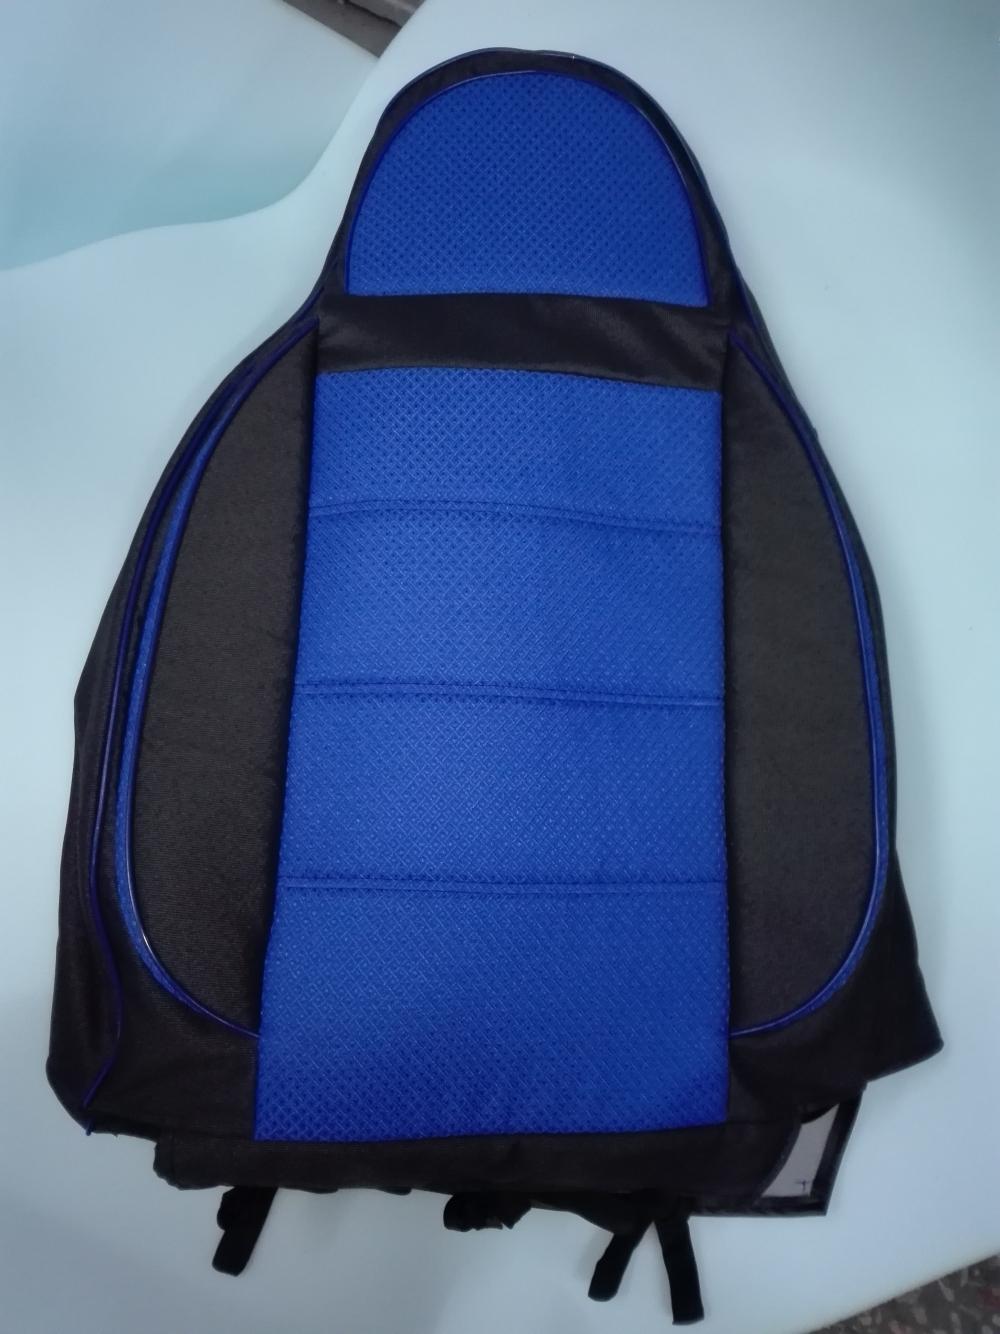 Чехлы на сидения из автоткани Pilot Lux синий - 2